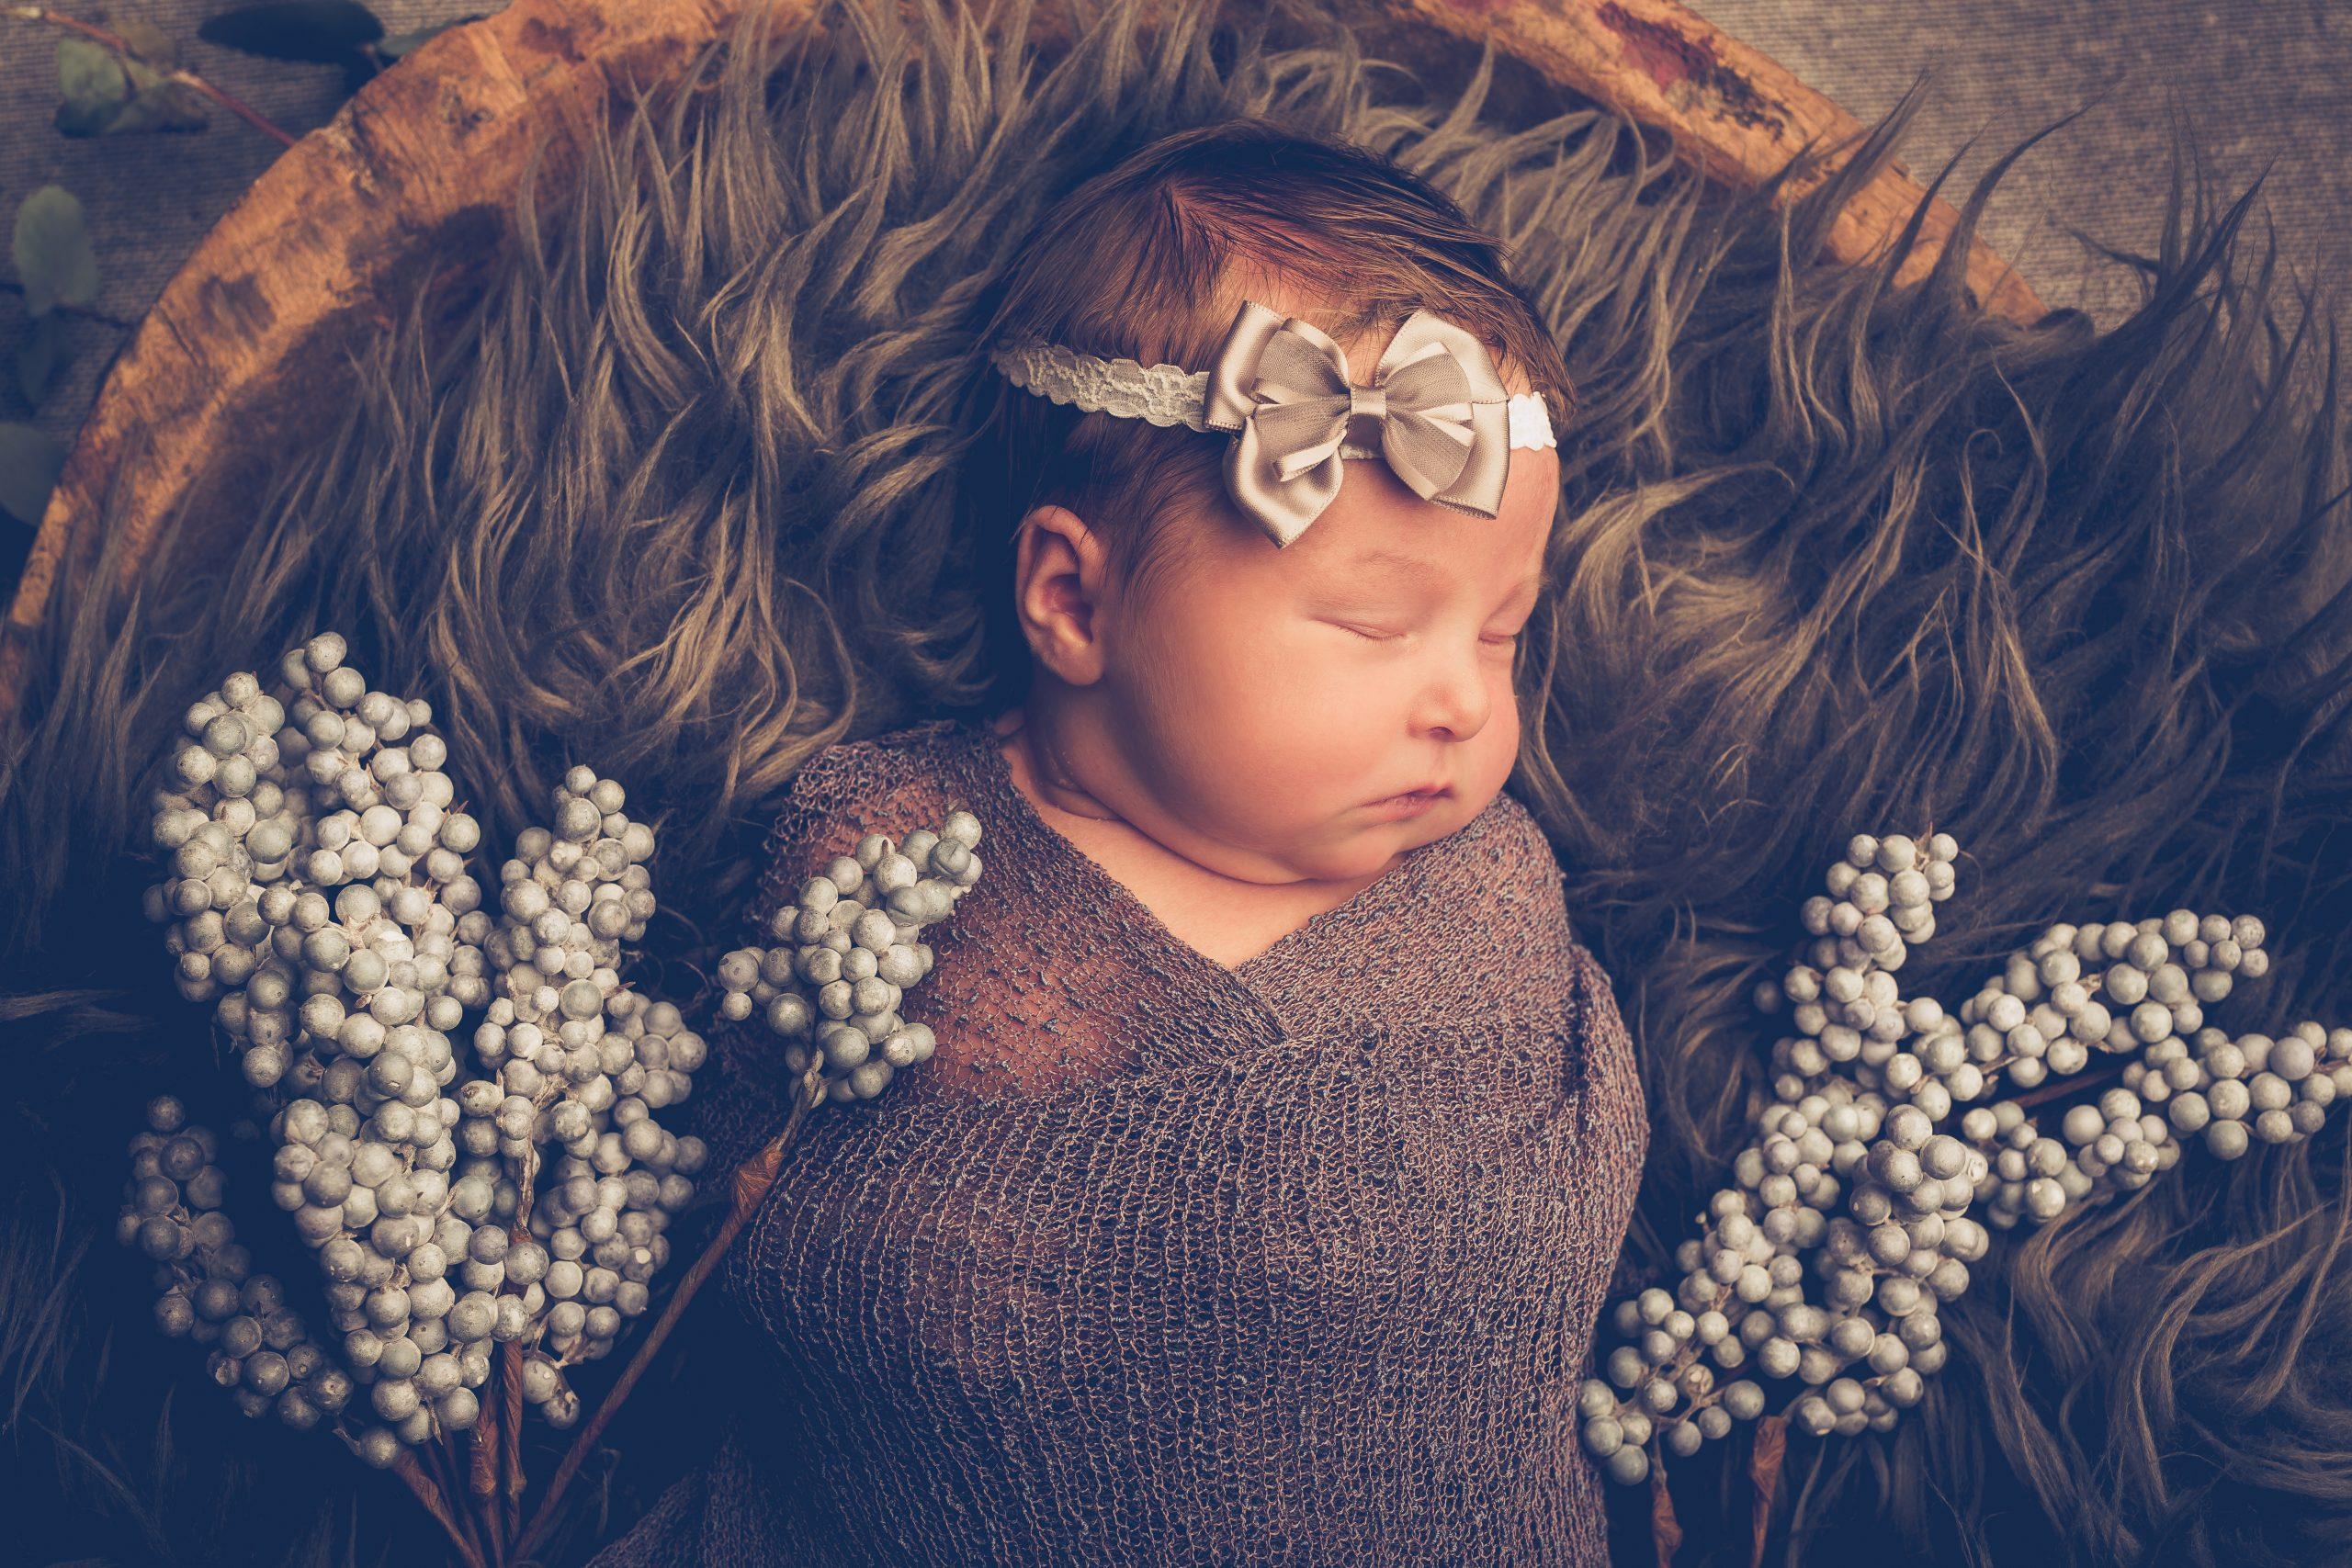 NEWBORN-aachen-babyfotos-dueren-neugeborenenfotos-alsdorf-babyfotograf-eschweiler-fotos-by-domi-22863208-2